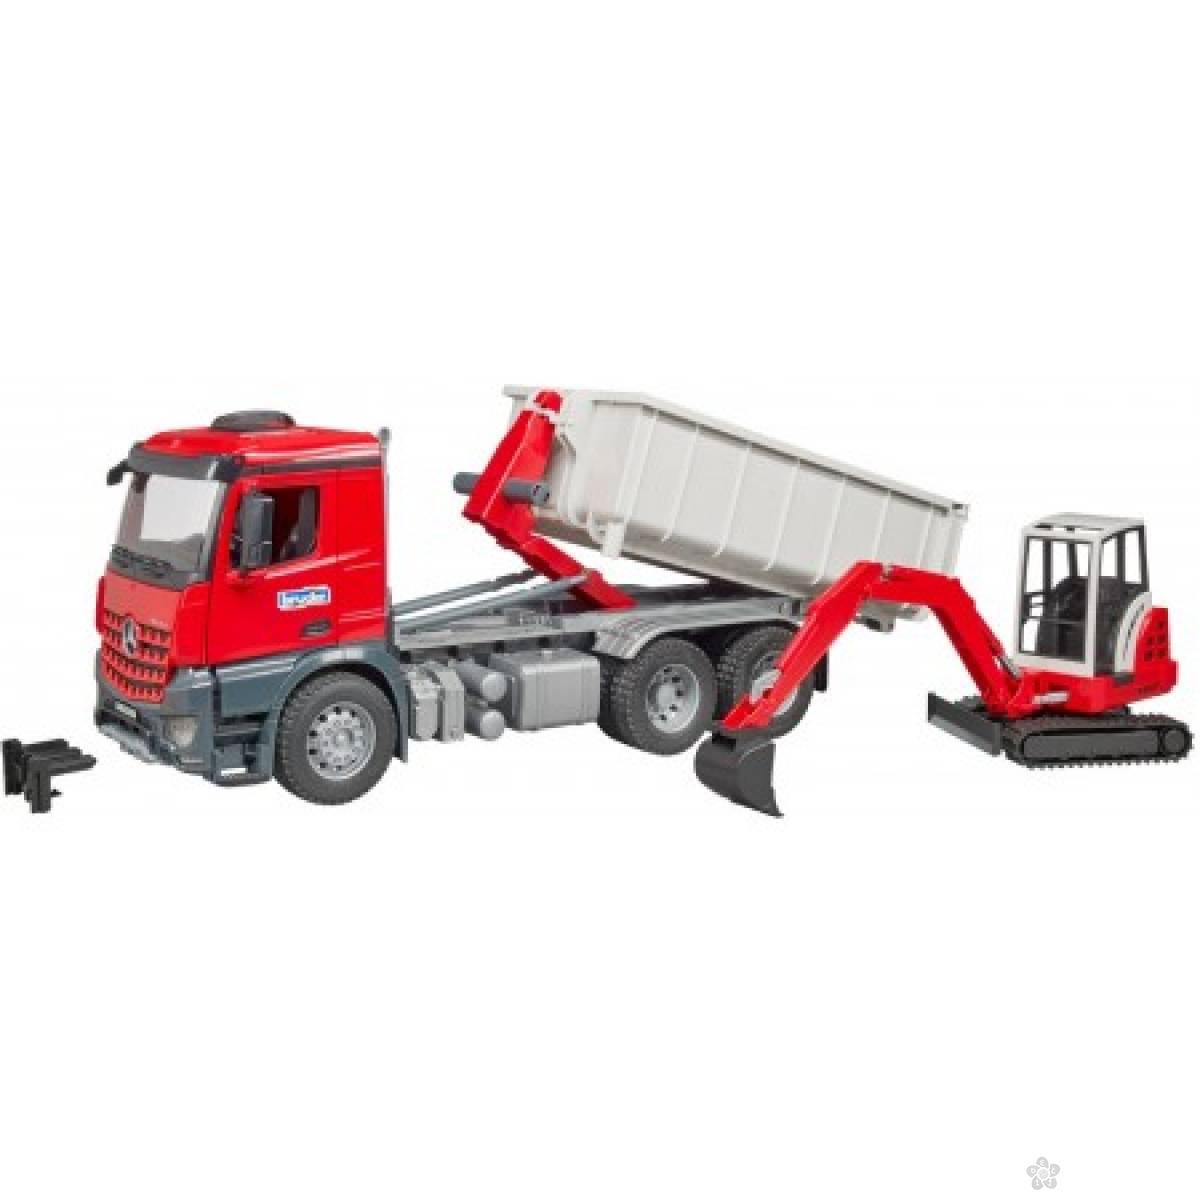 Kamion MB sa ručnim viljuškarom 036249